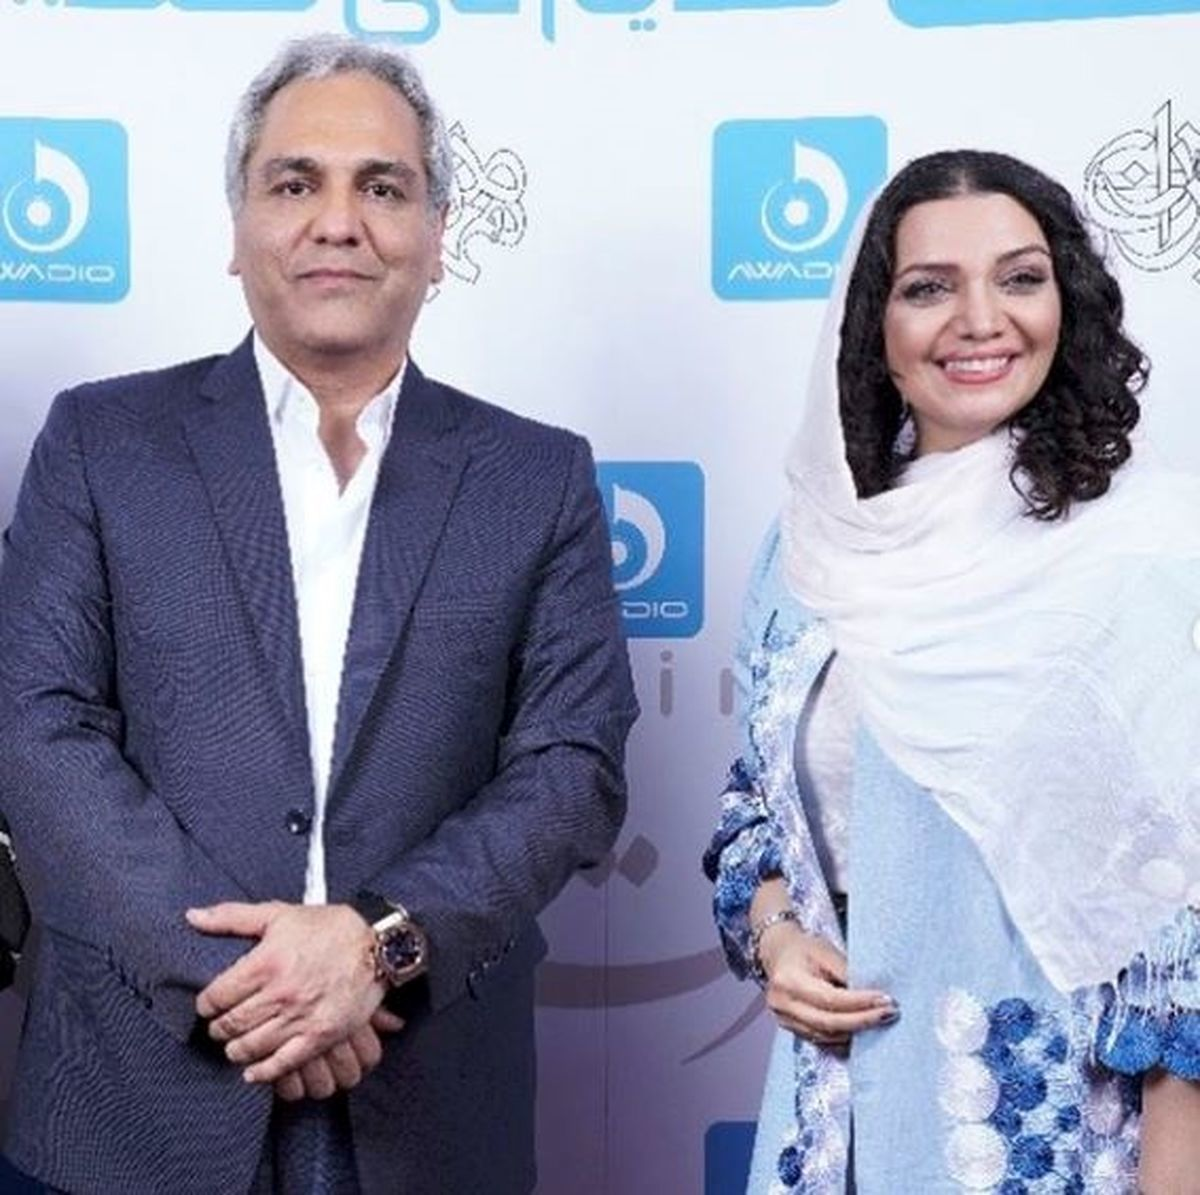 مهران مدیری جنجال ماجرای رونمایی از همسرش + عکس و بیوگرافی